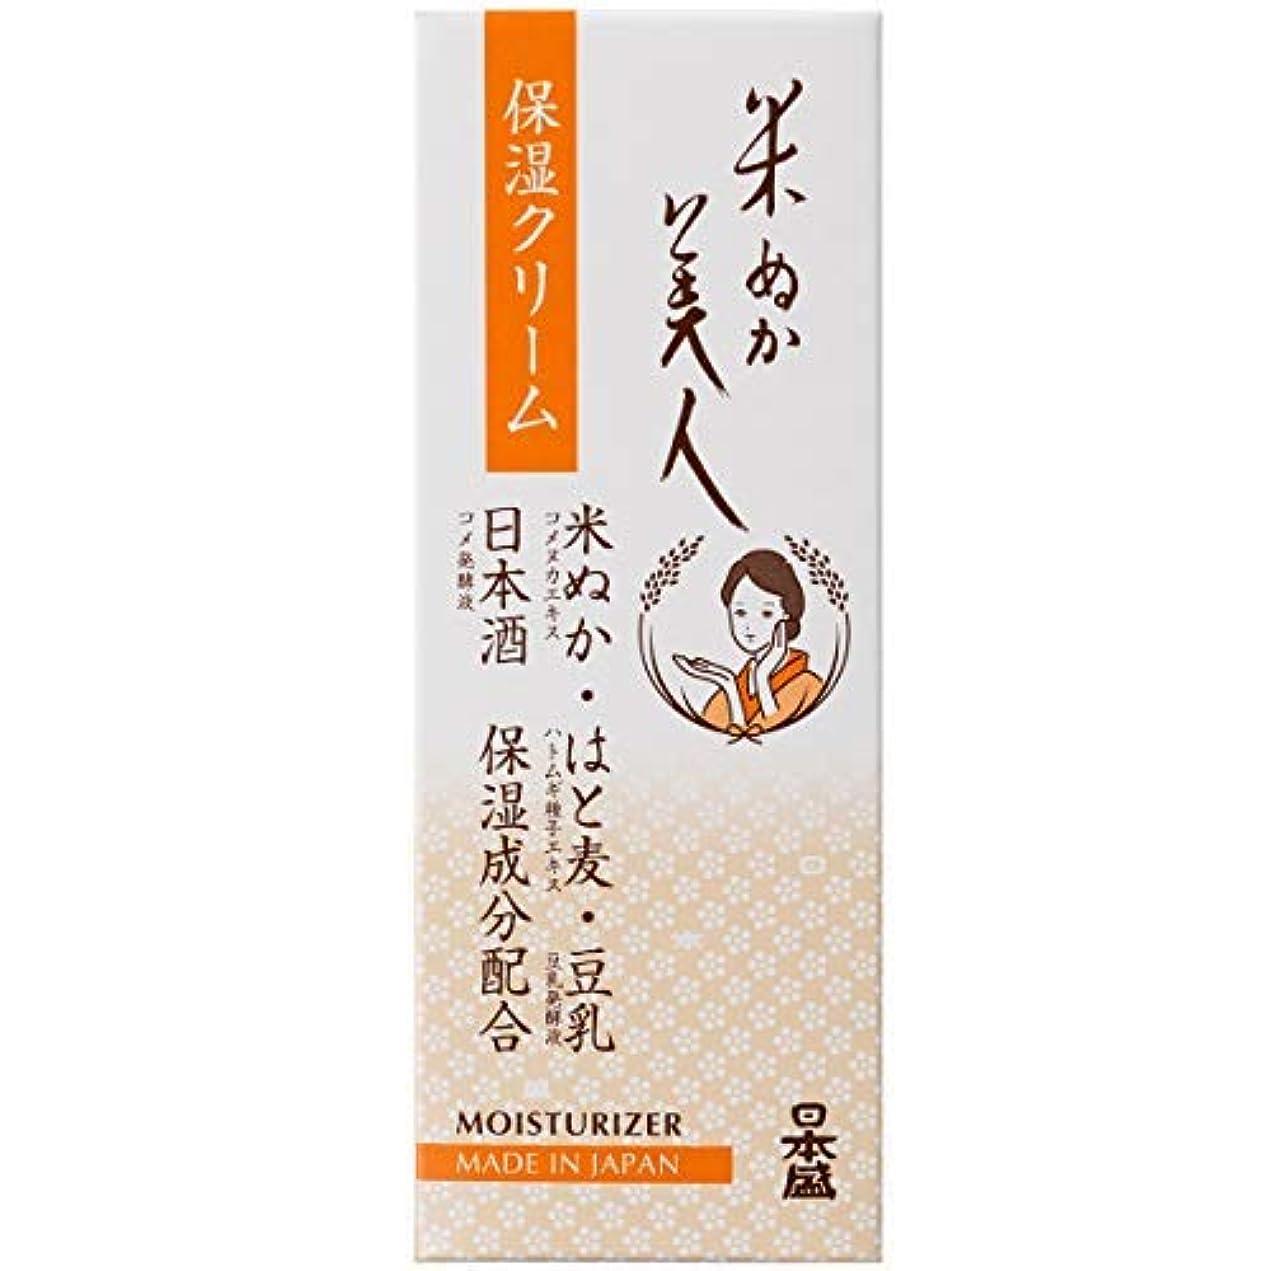 成熟したブル内部米ぬか美人 保湿クリーム × 2個セット